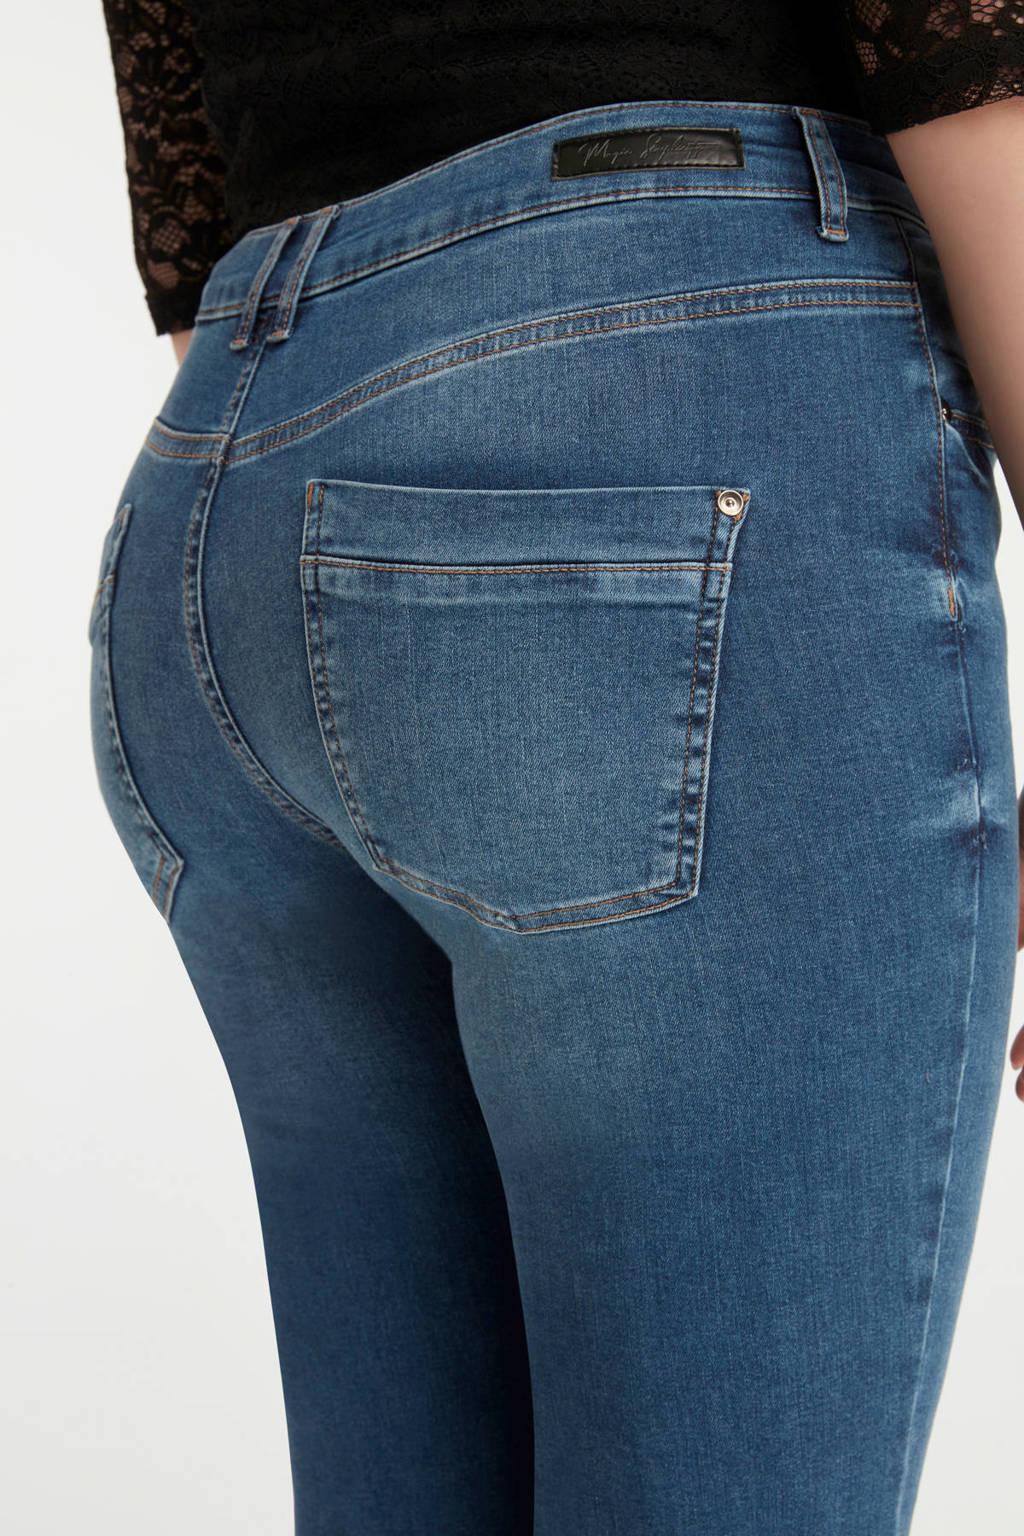 MS Mode high waist flared jeans, Stonewash Denim